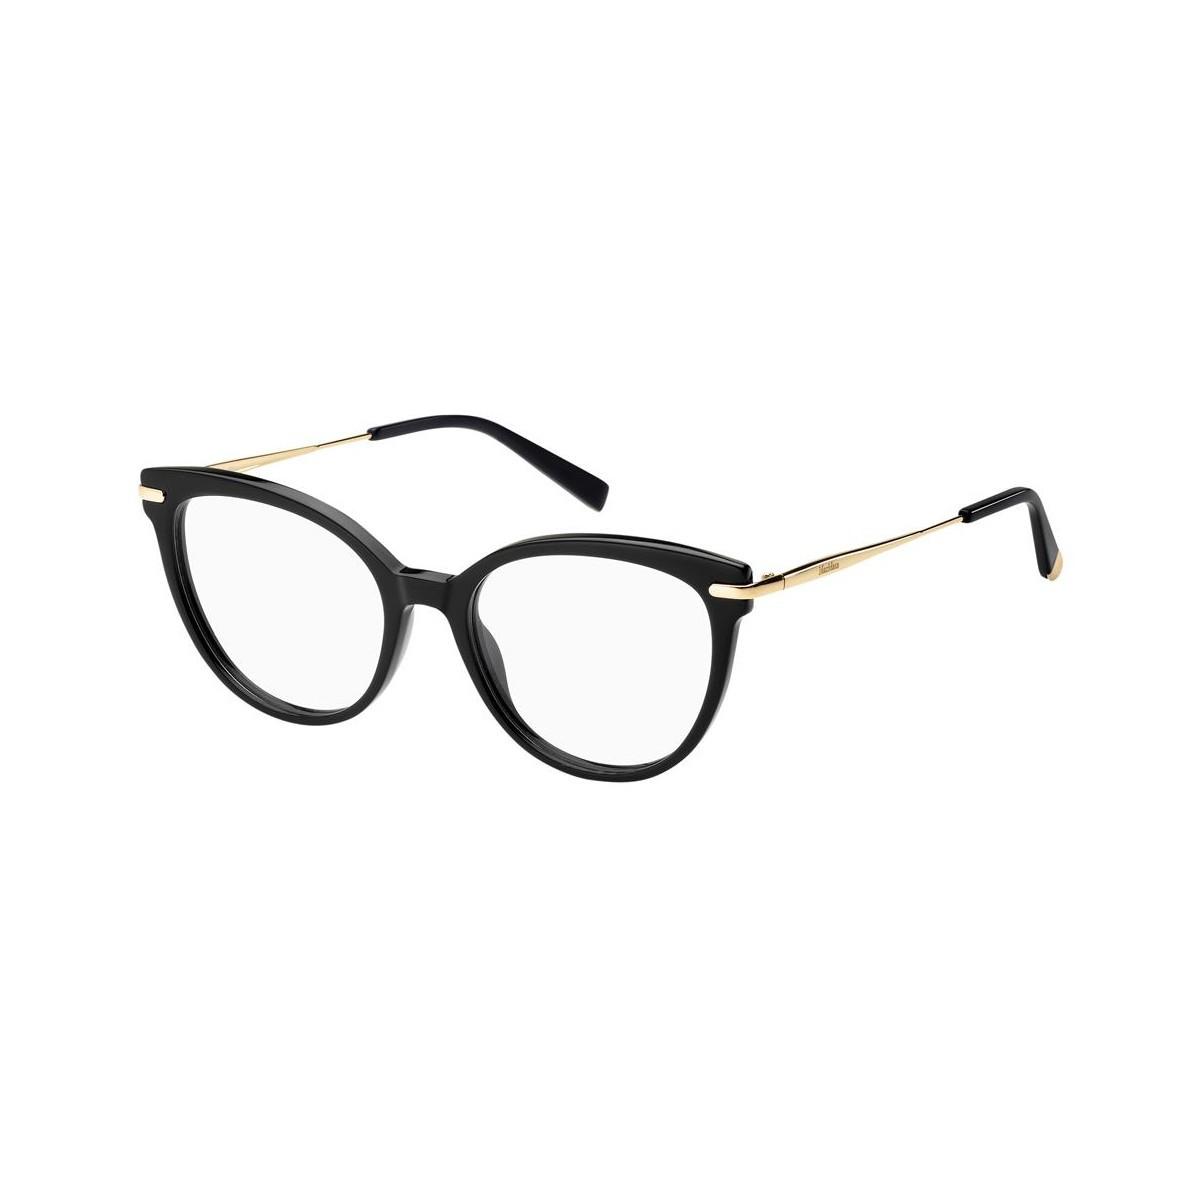 Óculos de Grau Max Mara Preto MM1335 - 807/52